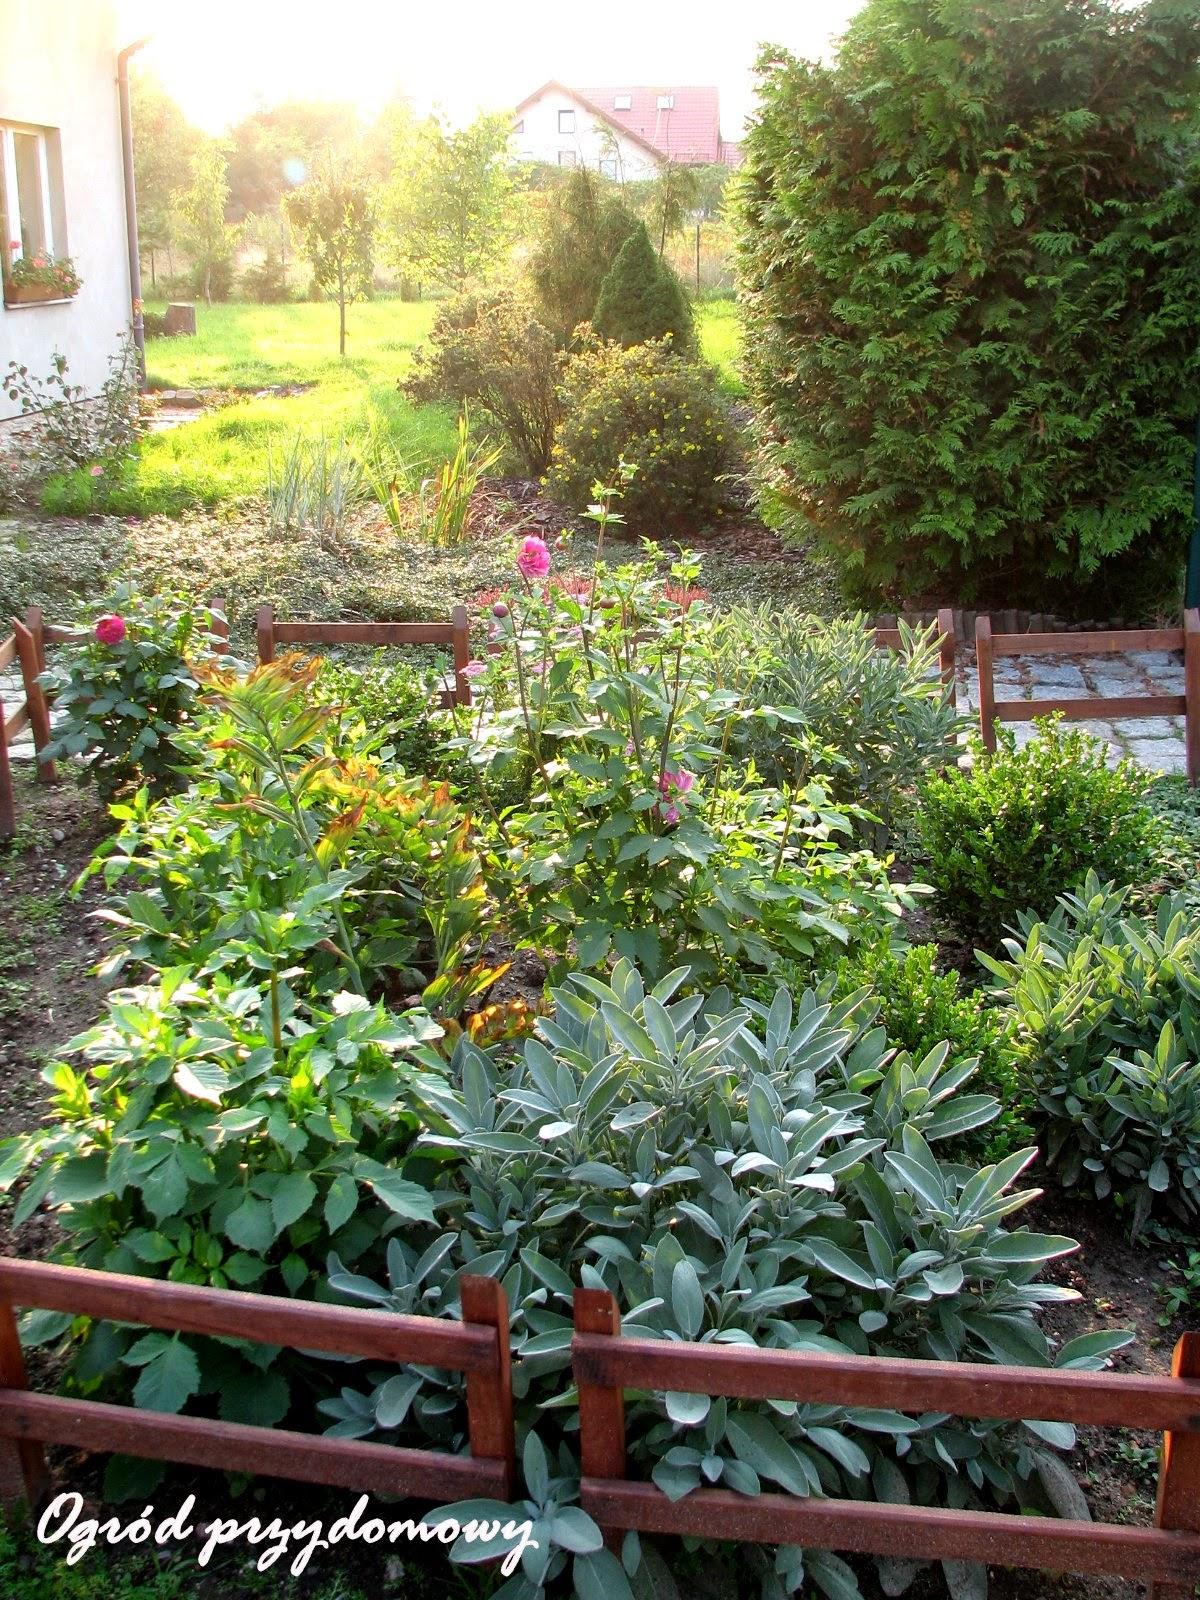 zbieranie jabłek, zbiór jabłek, rabataprzed domem, ogród przydomowy